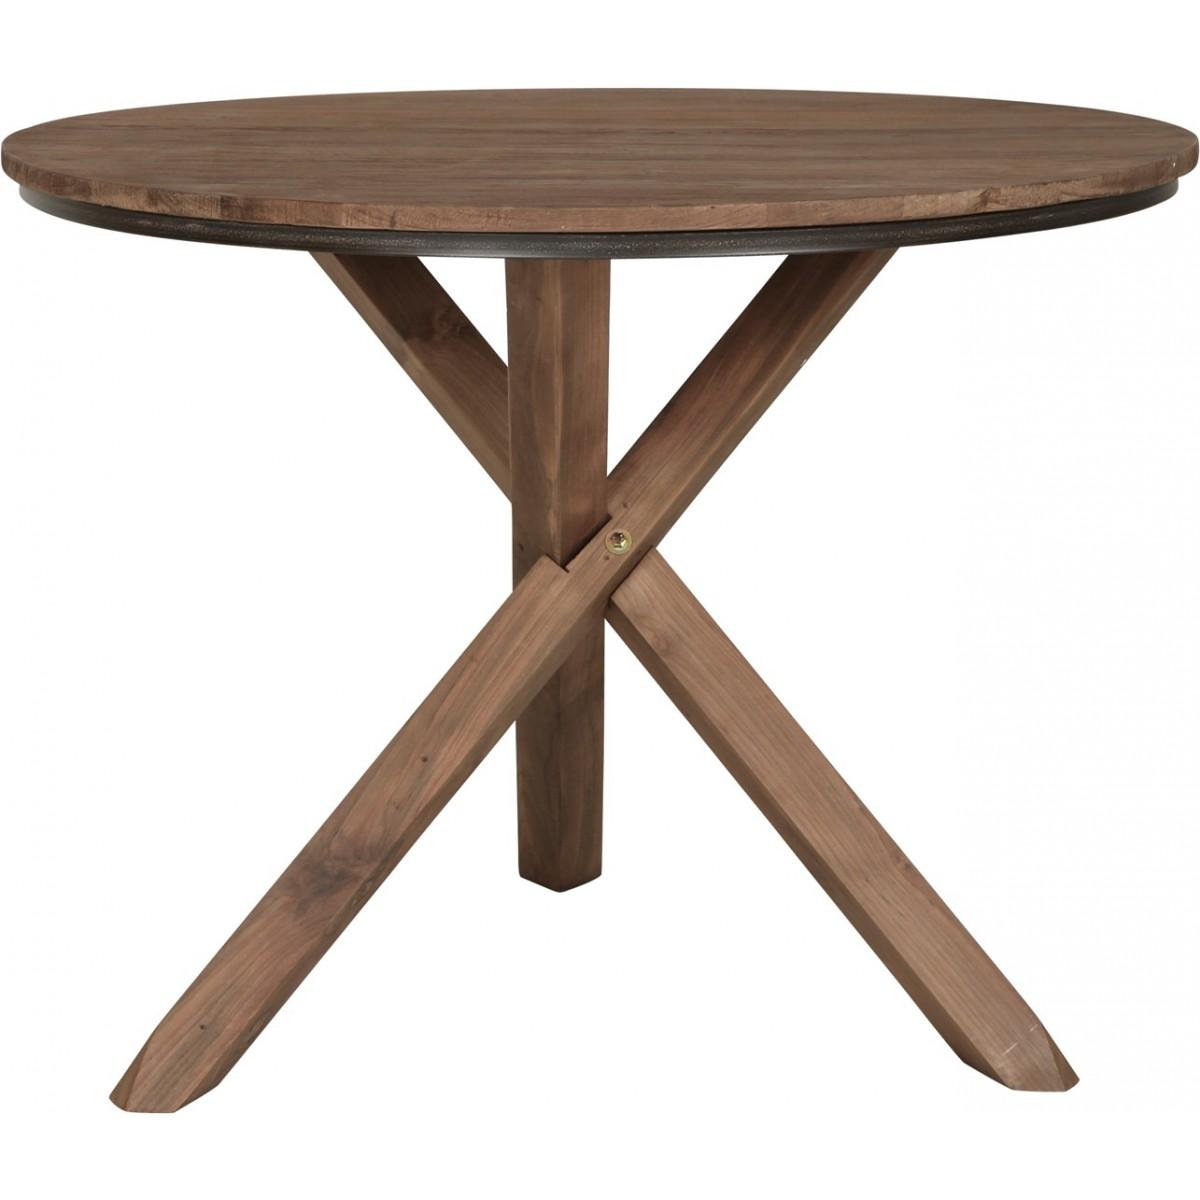 runder tisch holz massiv esstisch rund tisch im. Black Bedroom Furniture Sets. Home Design Ideas